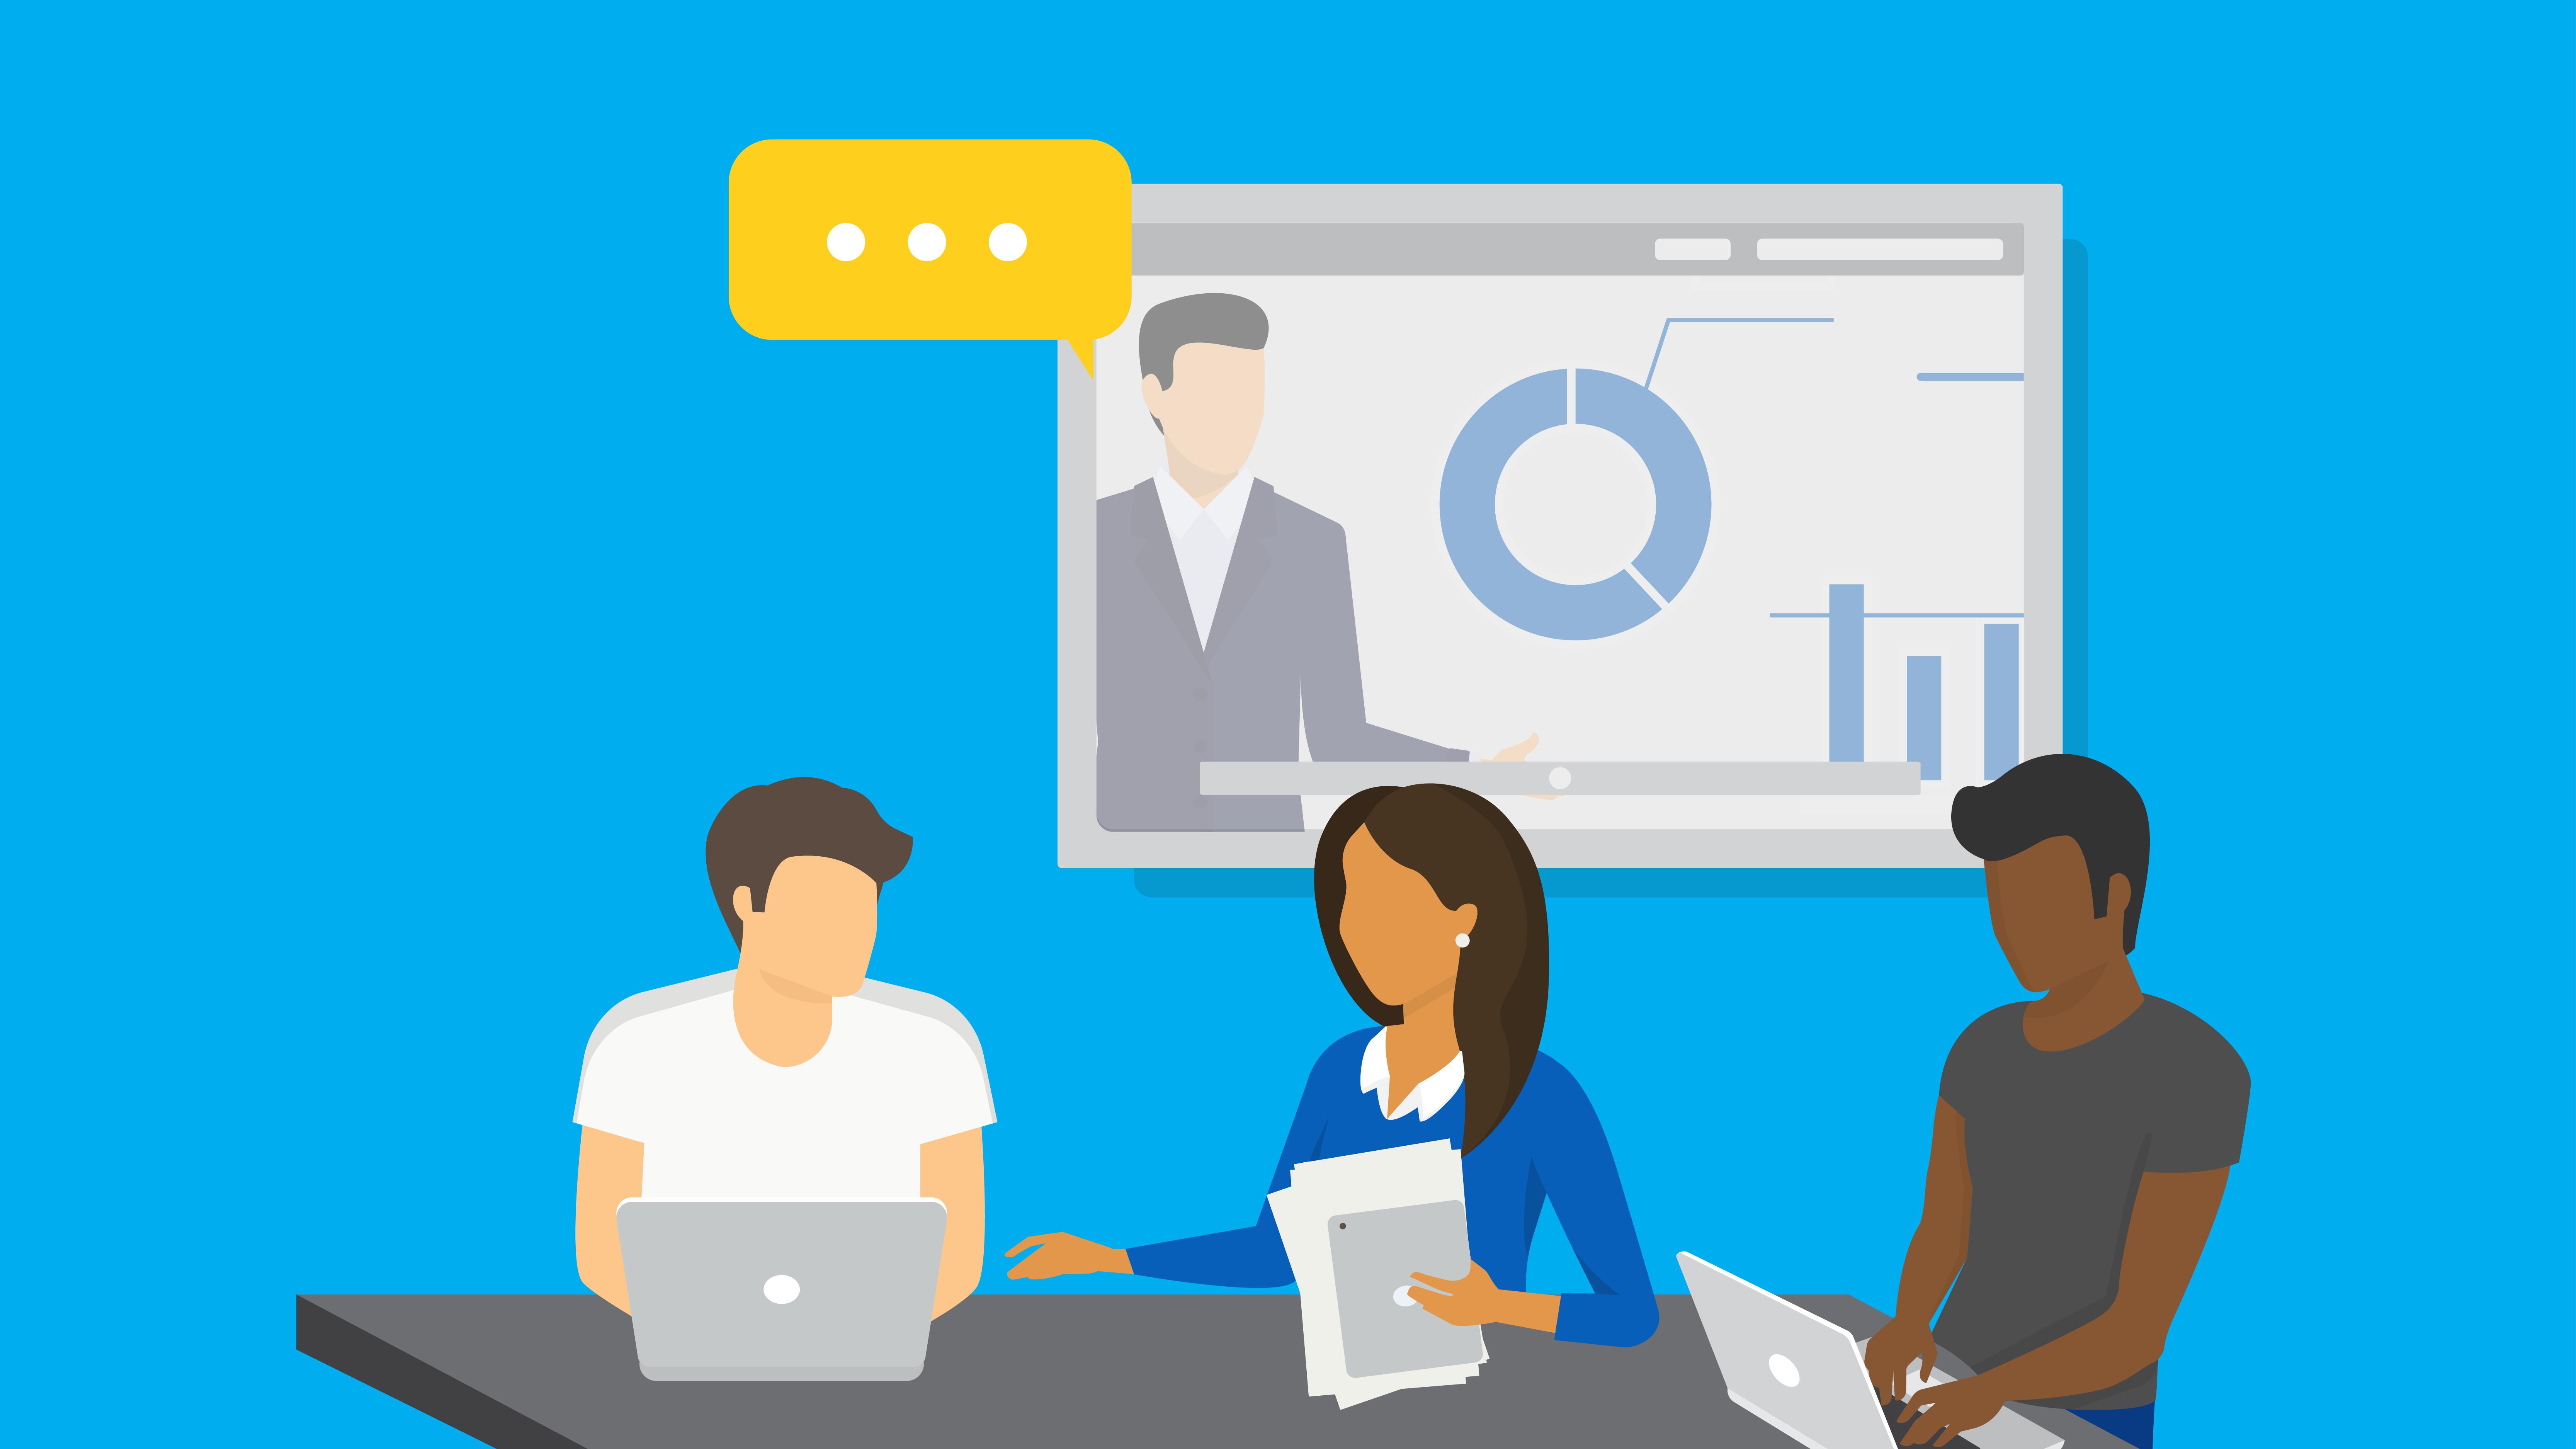 Fictional team members representing Microsoft Teams's virtual meetings